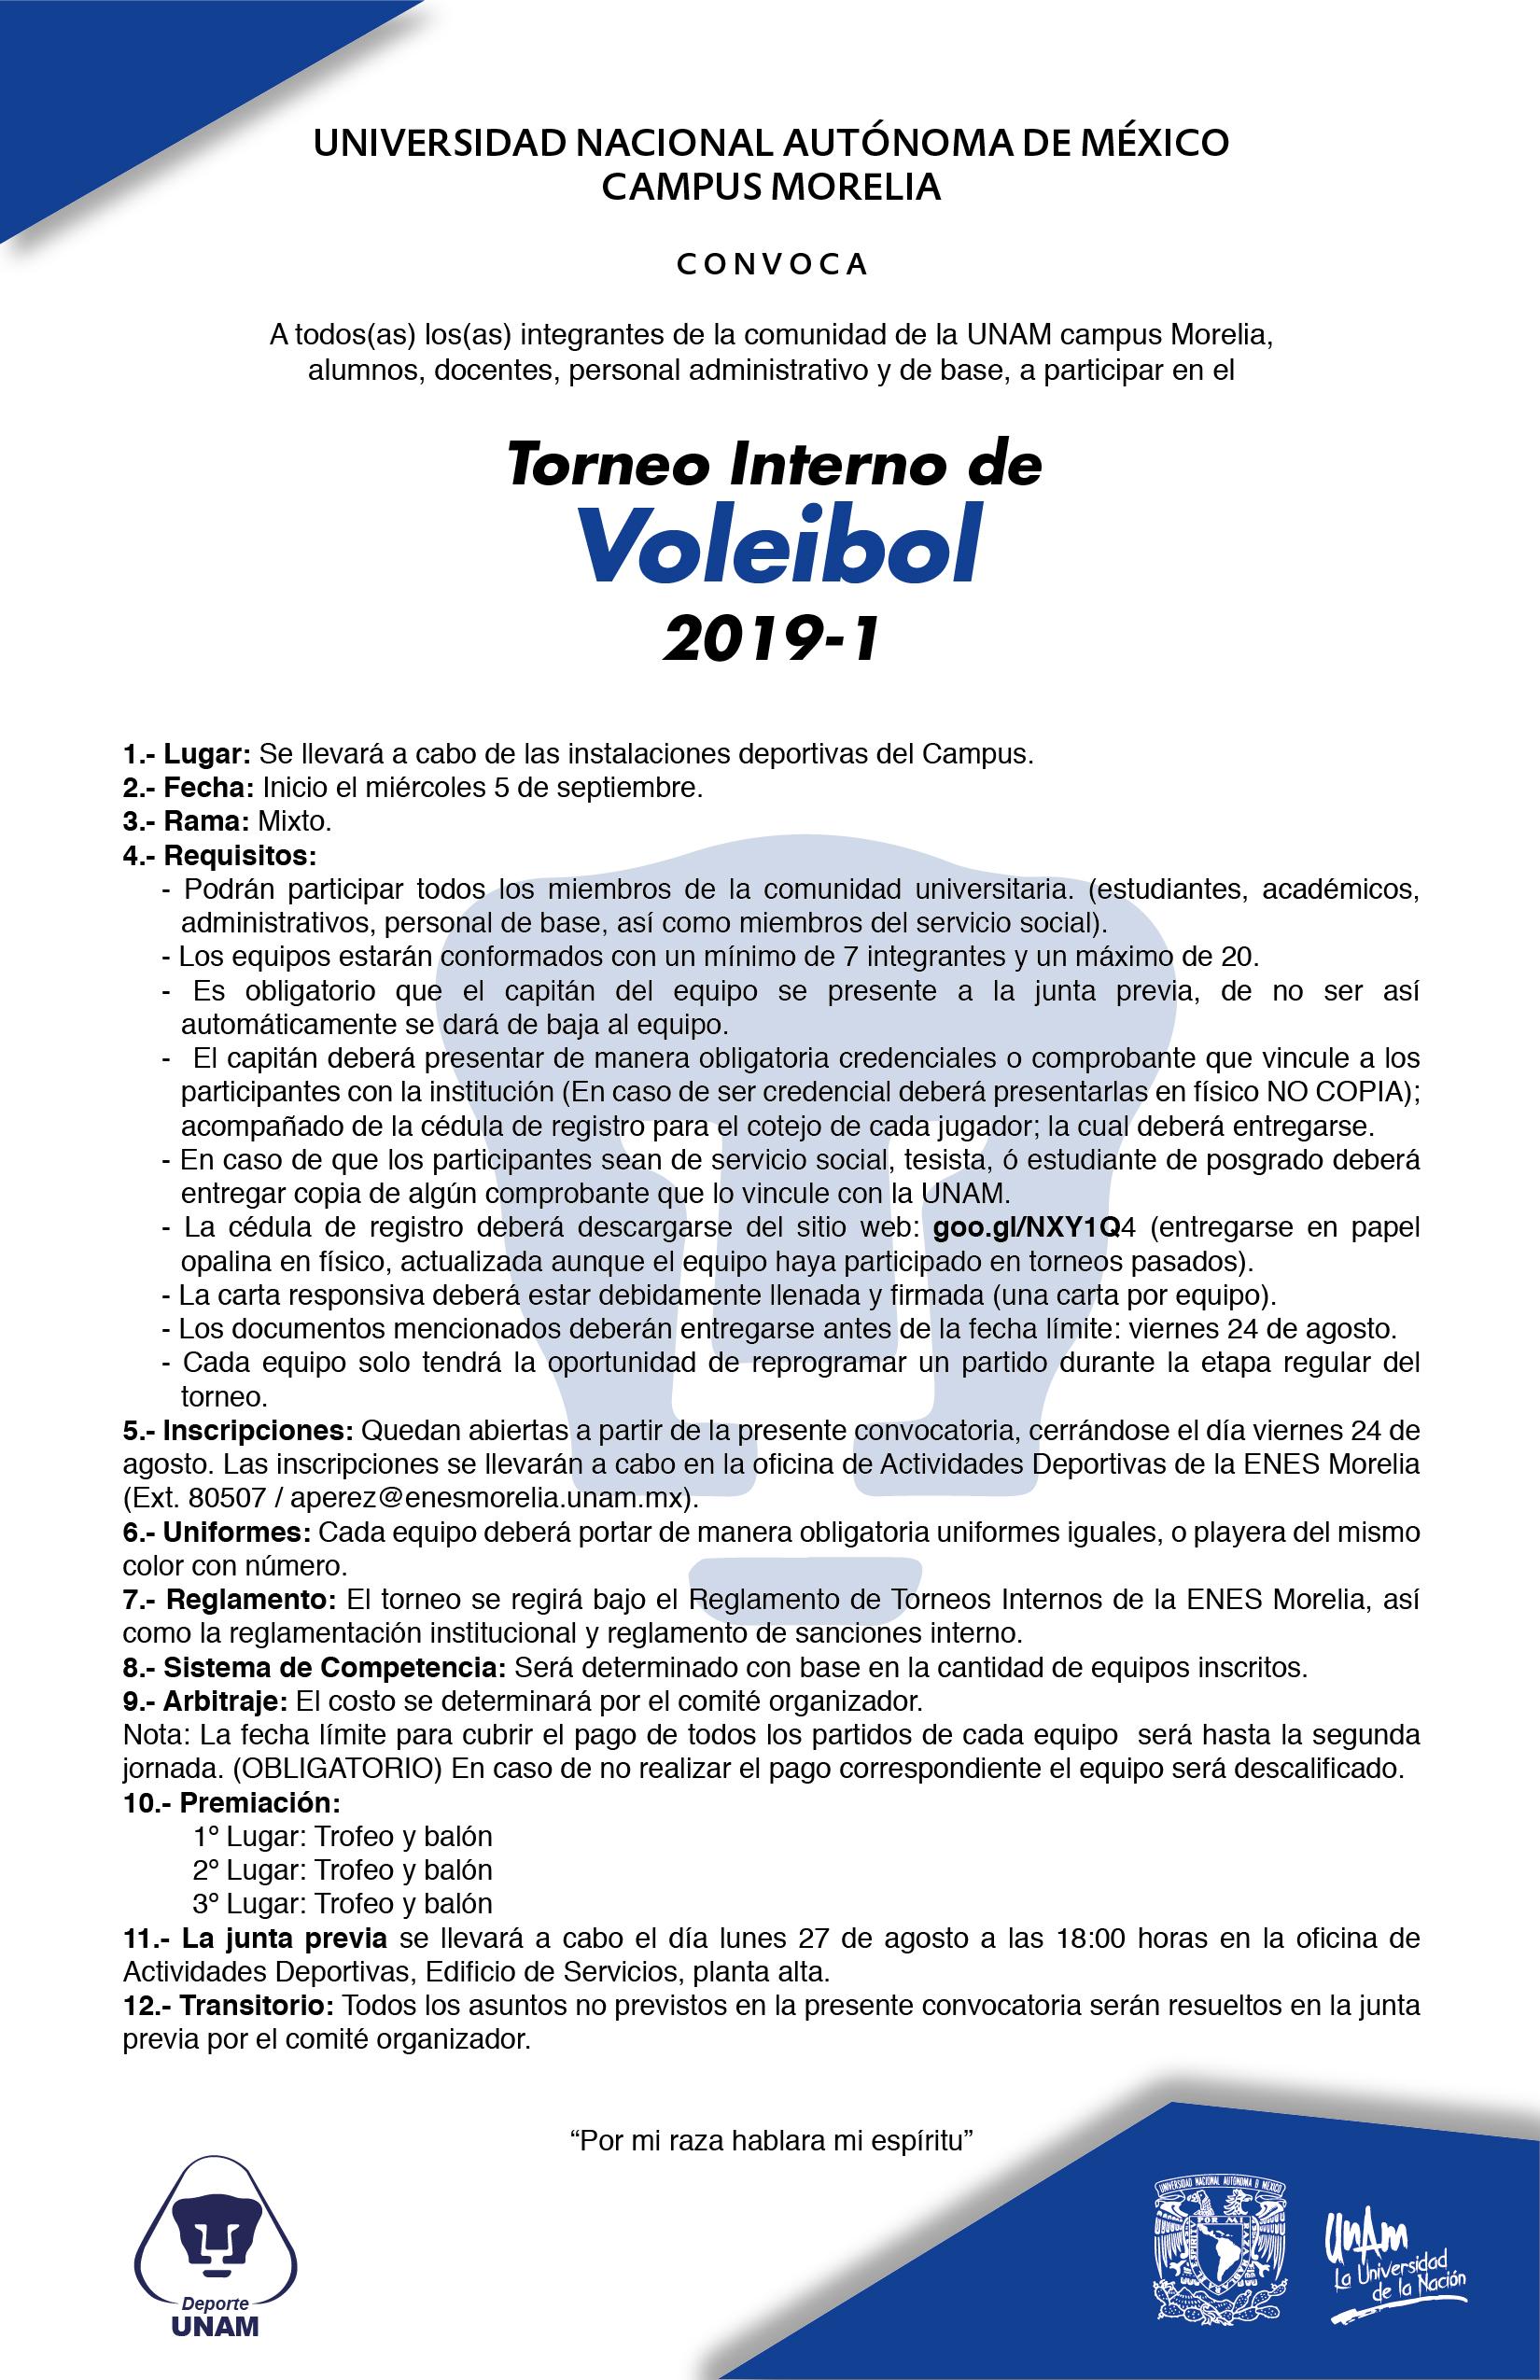 convocatoria-deportivas-2019-1-03